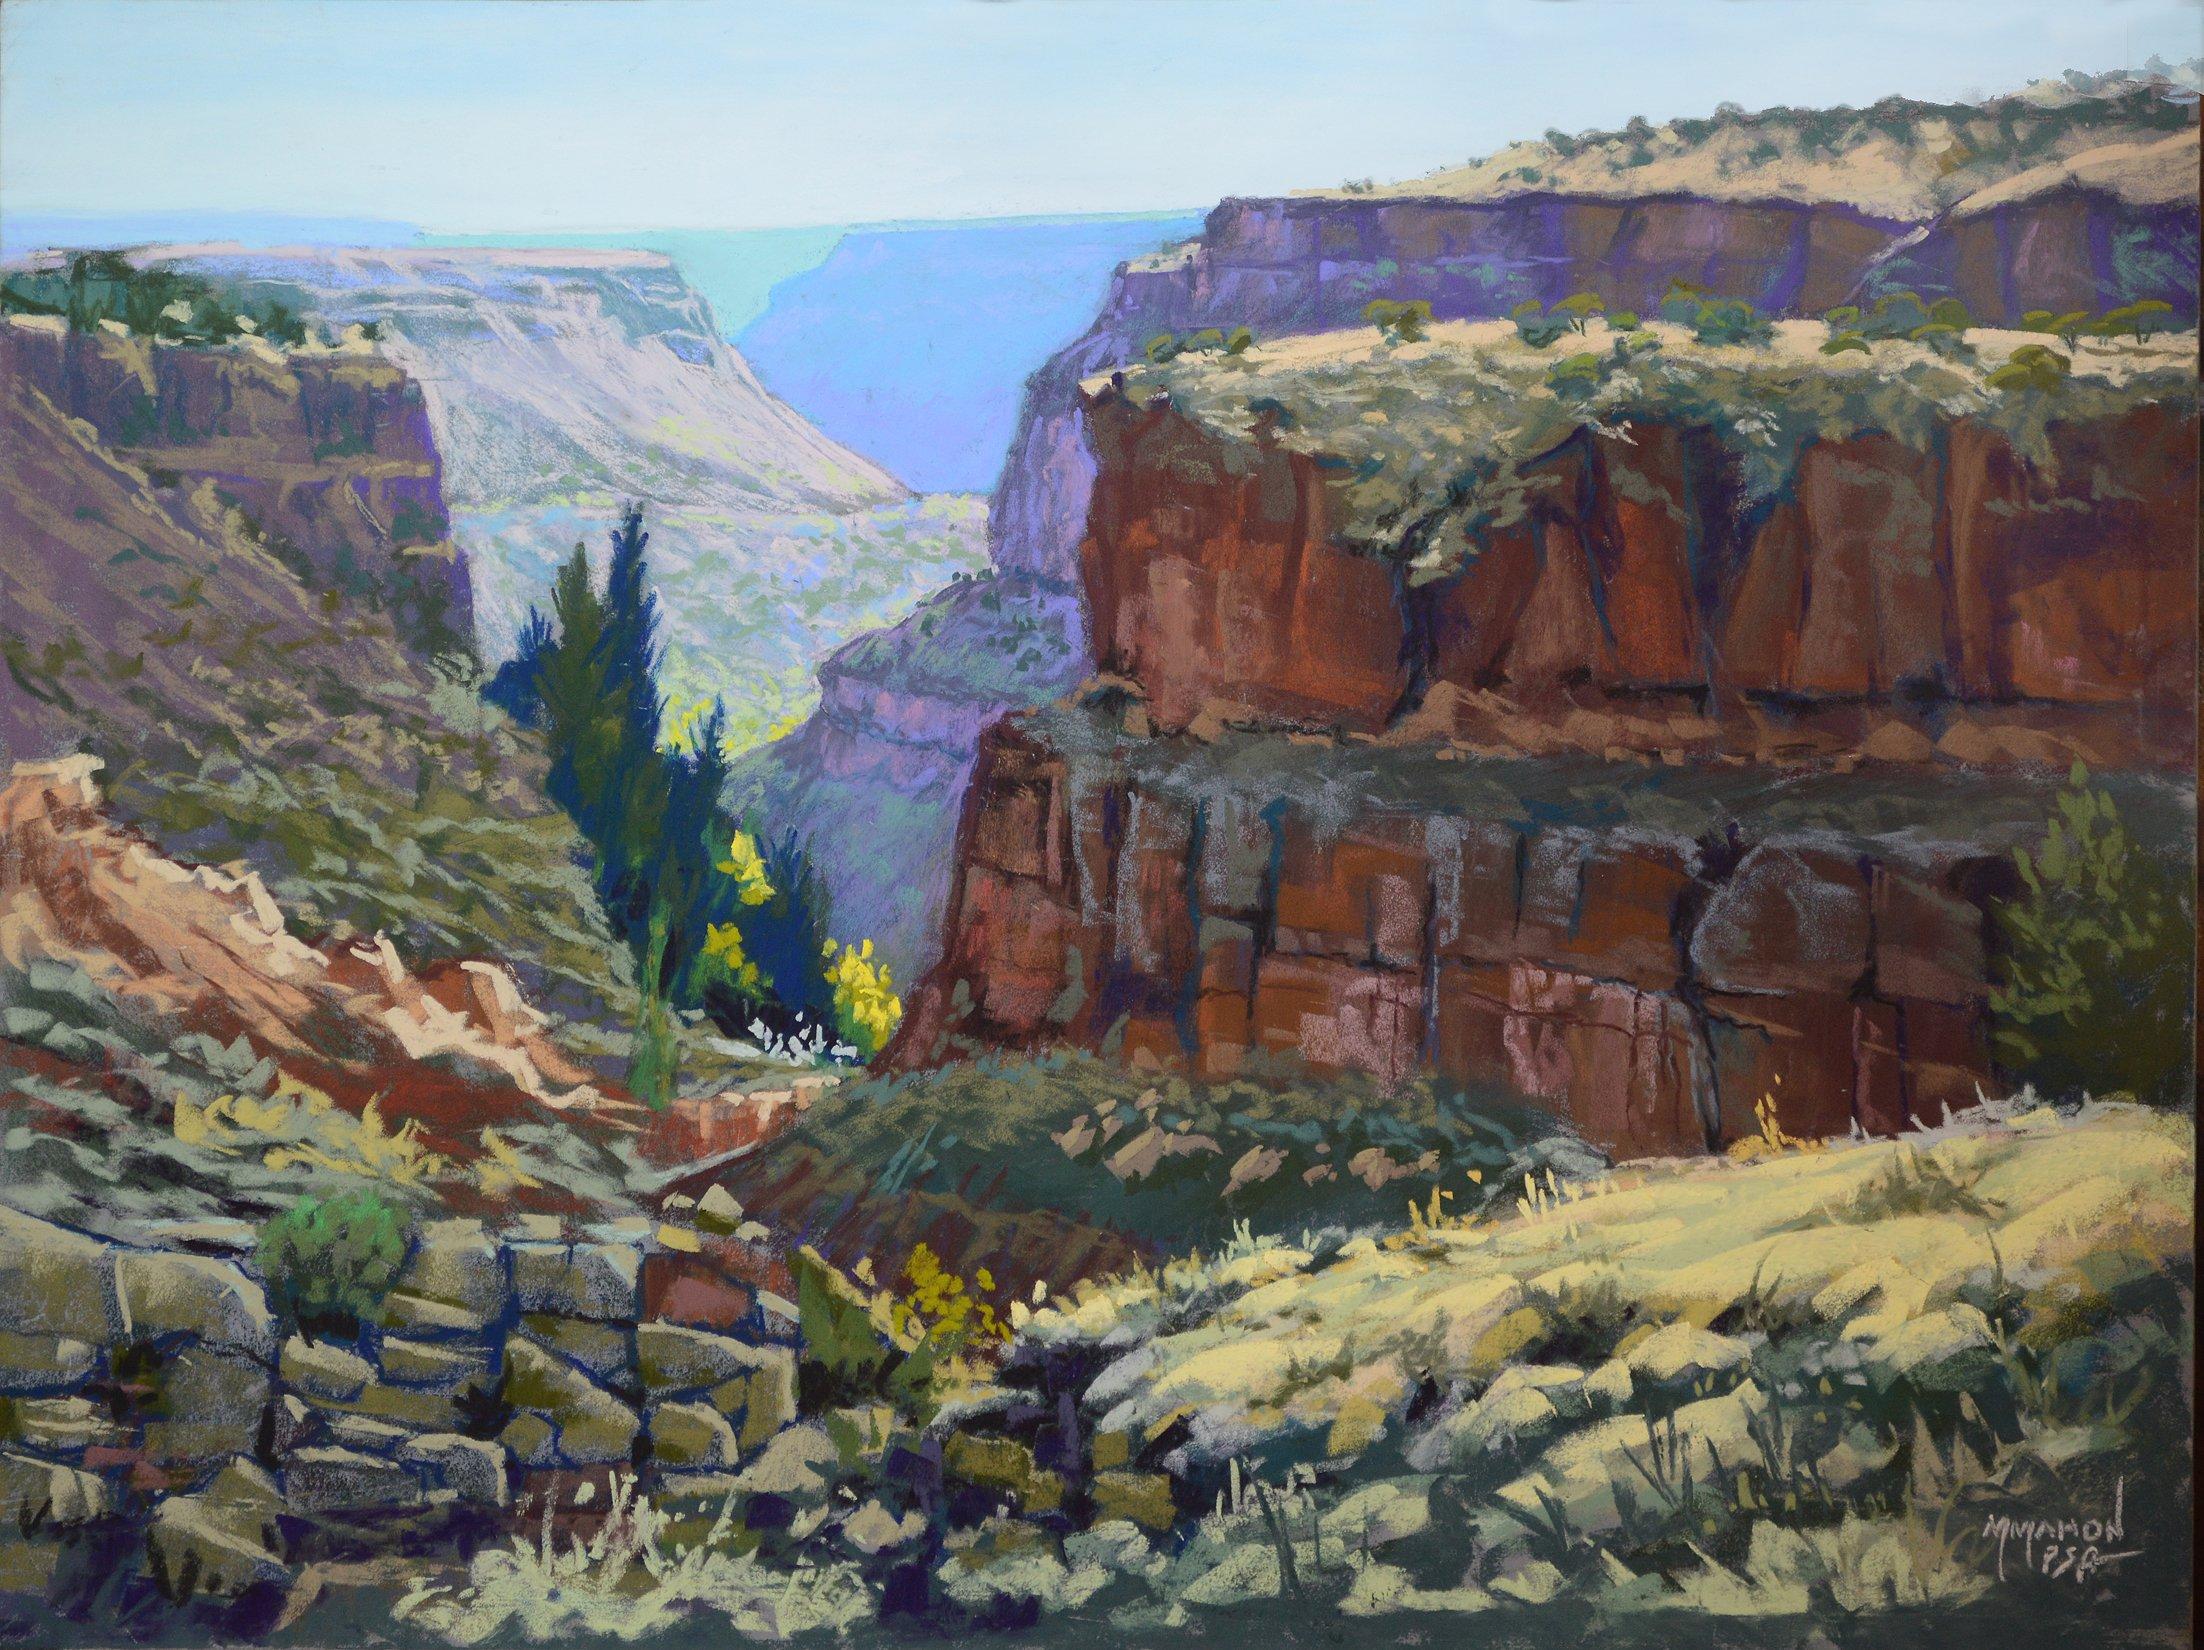 Pastel Landscape by Mike Mahon Rio Grande Gorgeous